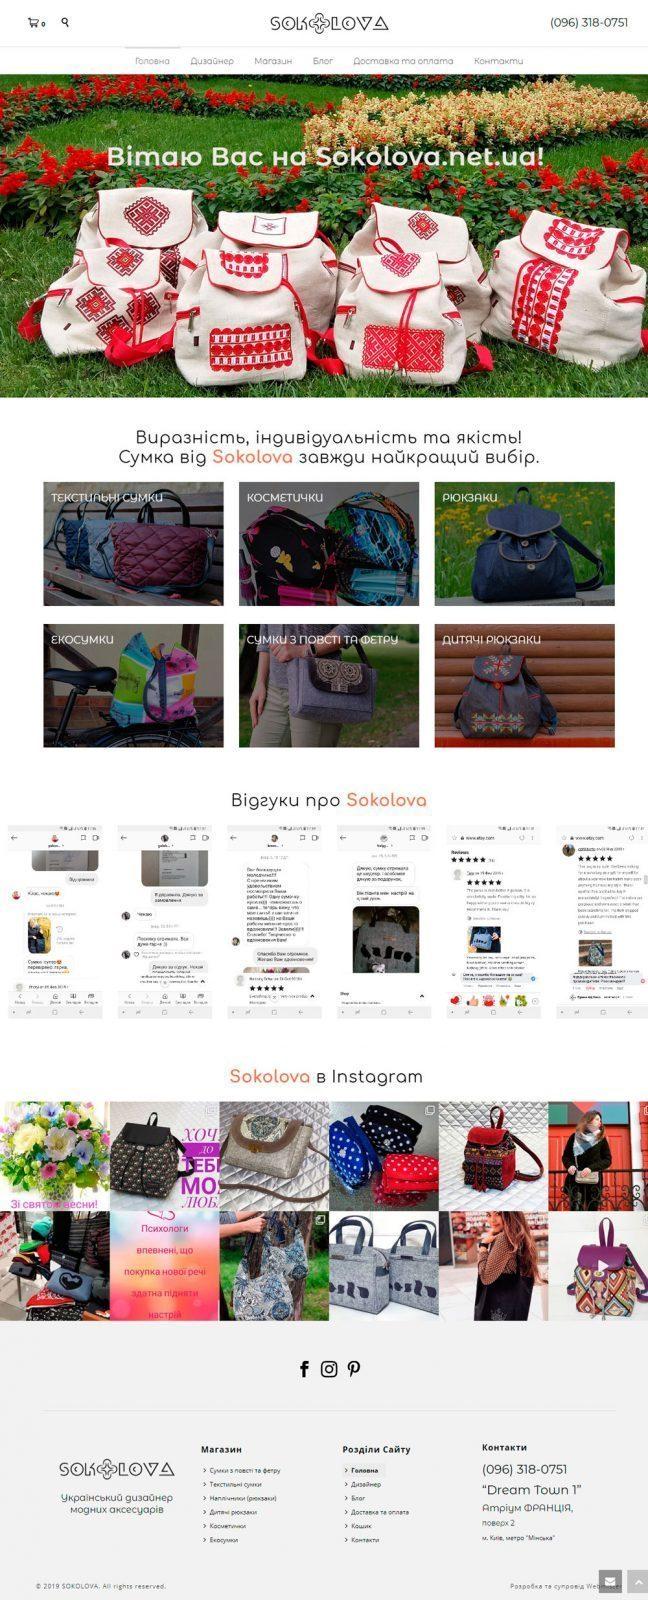 sokolova-homepage